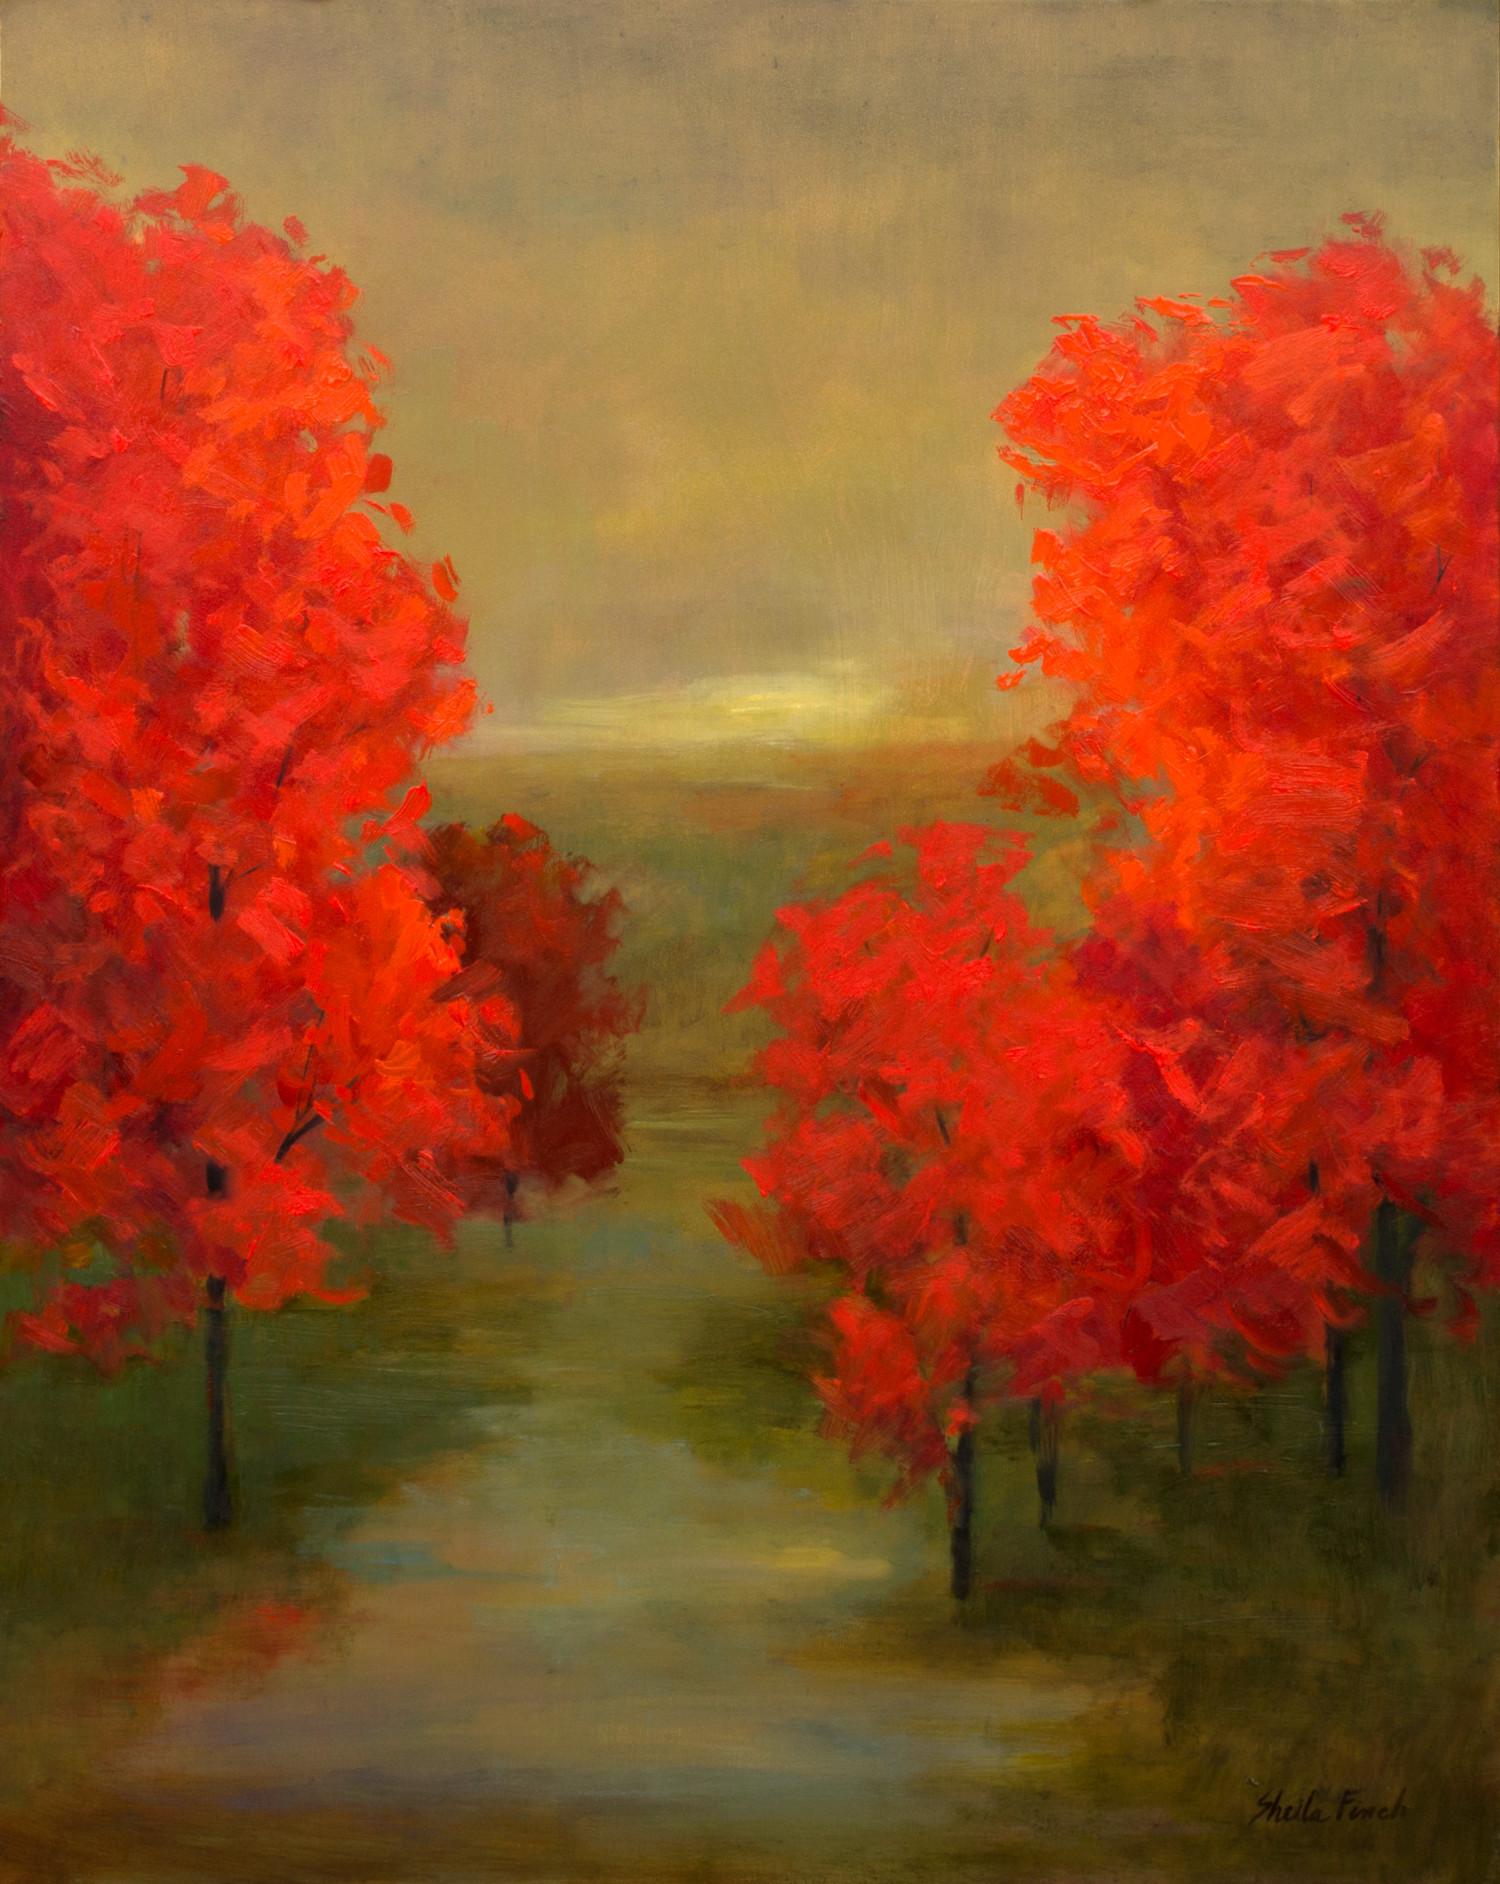 4515 autumn glow 20x16 oil anbmoj